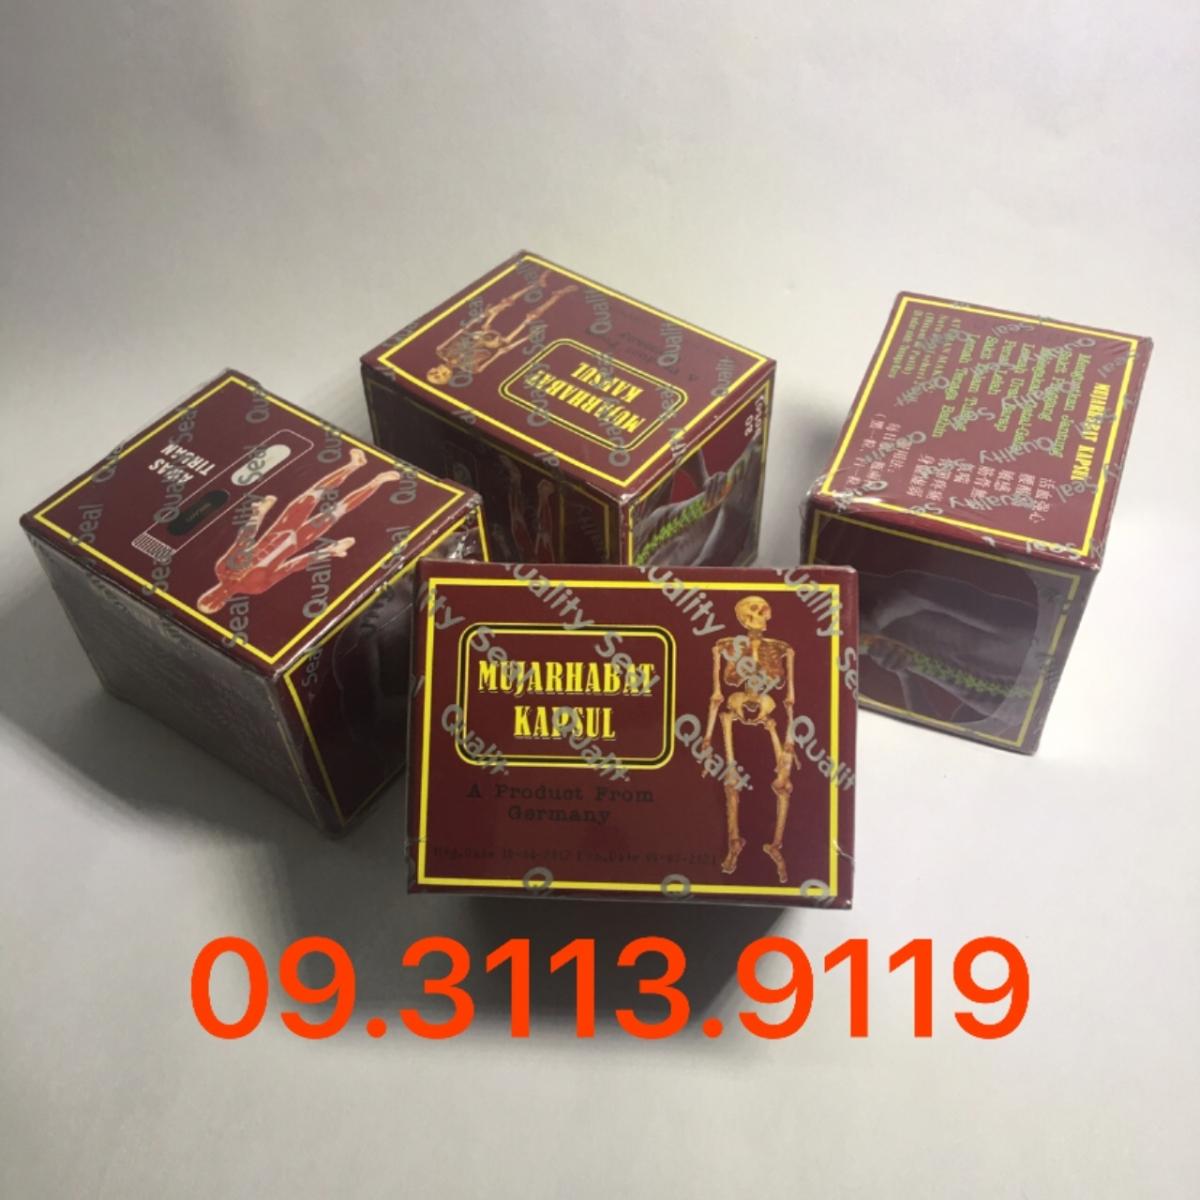 thuốc mujarhabat kapsul mua ở đâu giá rẻ